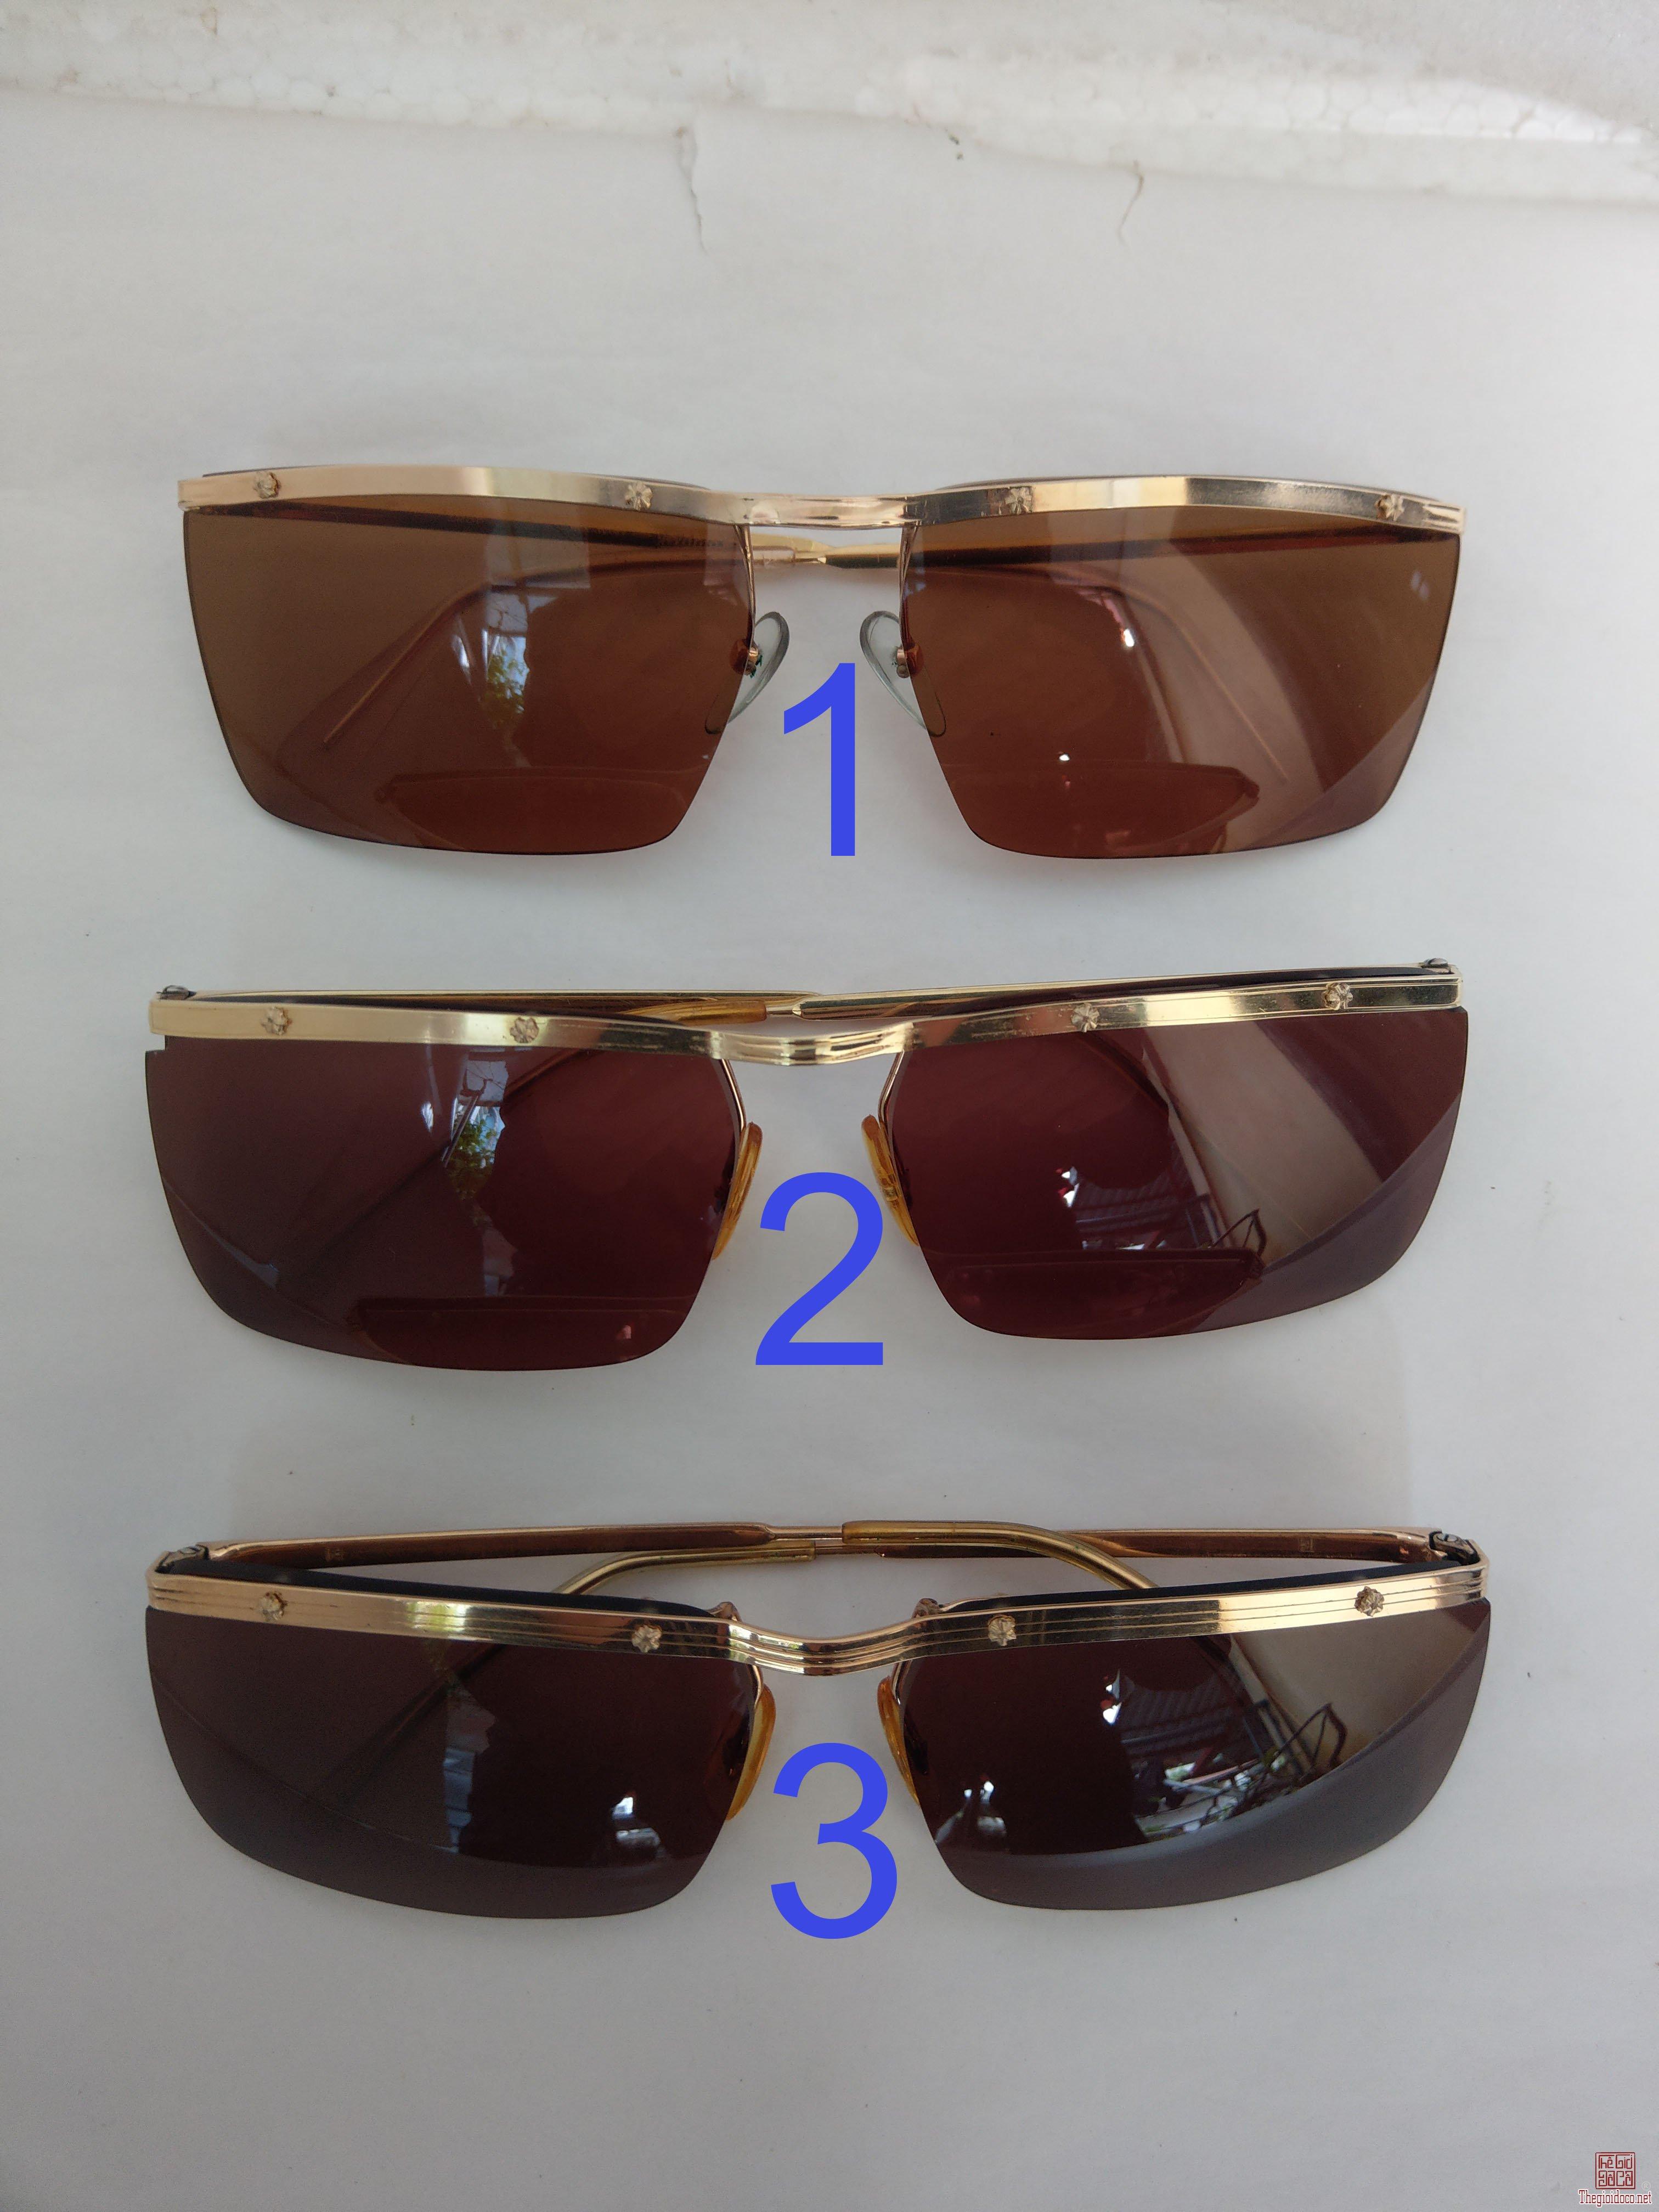 Có 3 cái kính cổ mạ vàng bọc vàng thương hiệu nổi tiếng như: Amor, Double Or Lamnie của Pháp.